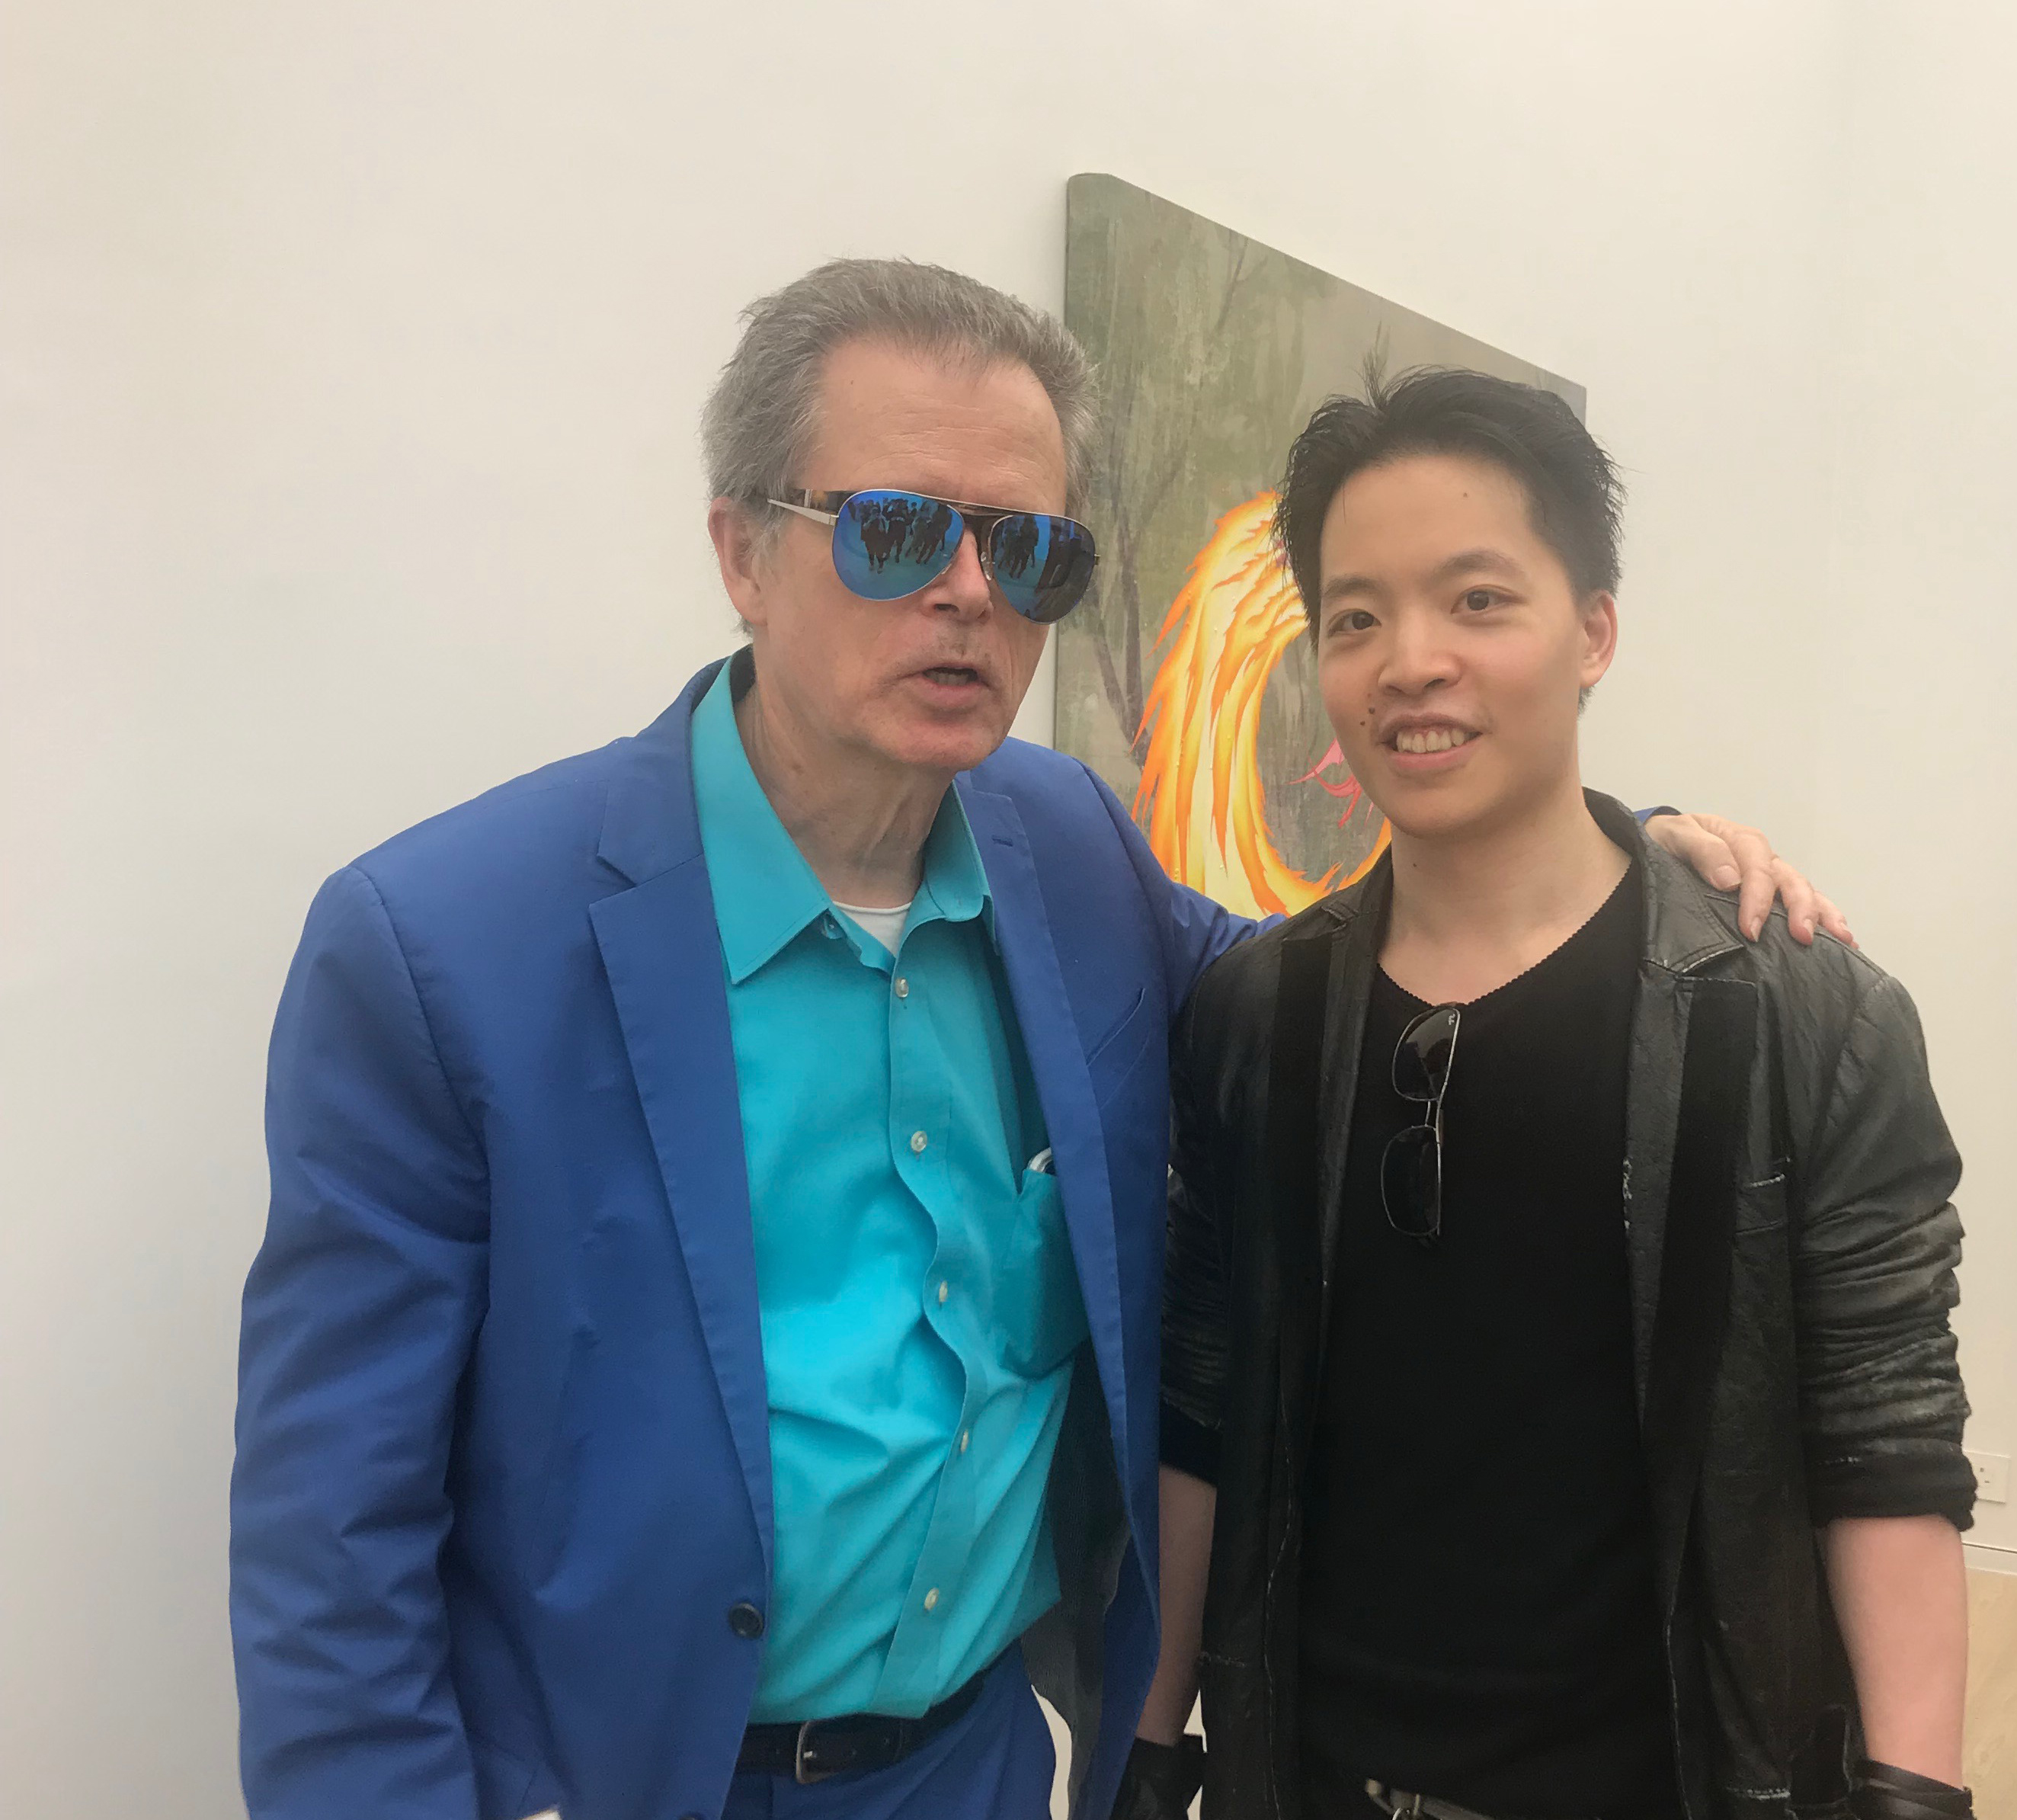 羅卓睿 Michael Andrew Law Cheuk Yui 與著名藝術家 JIM SHAW 吉姆·蕭爾